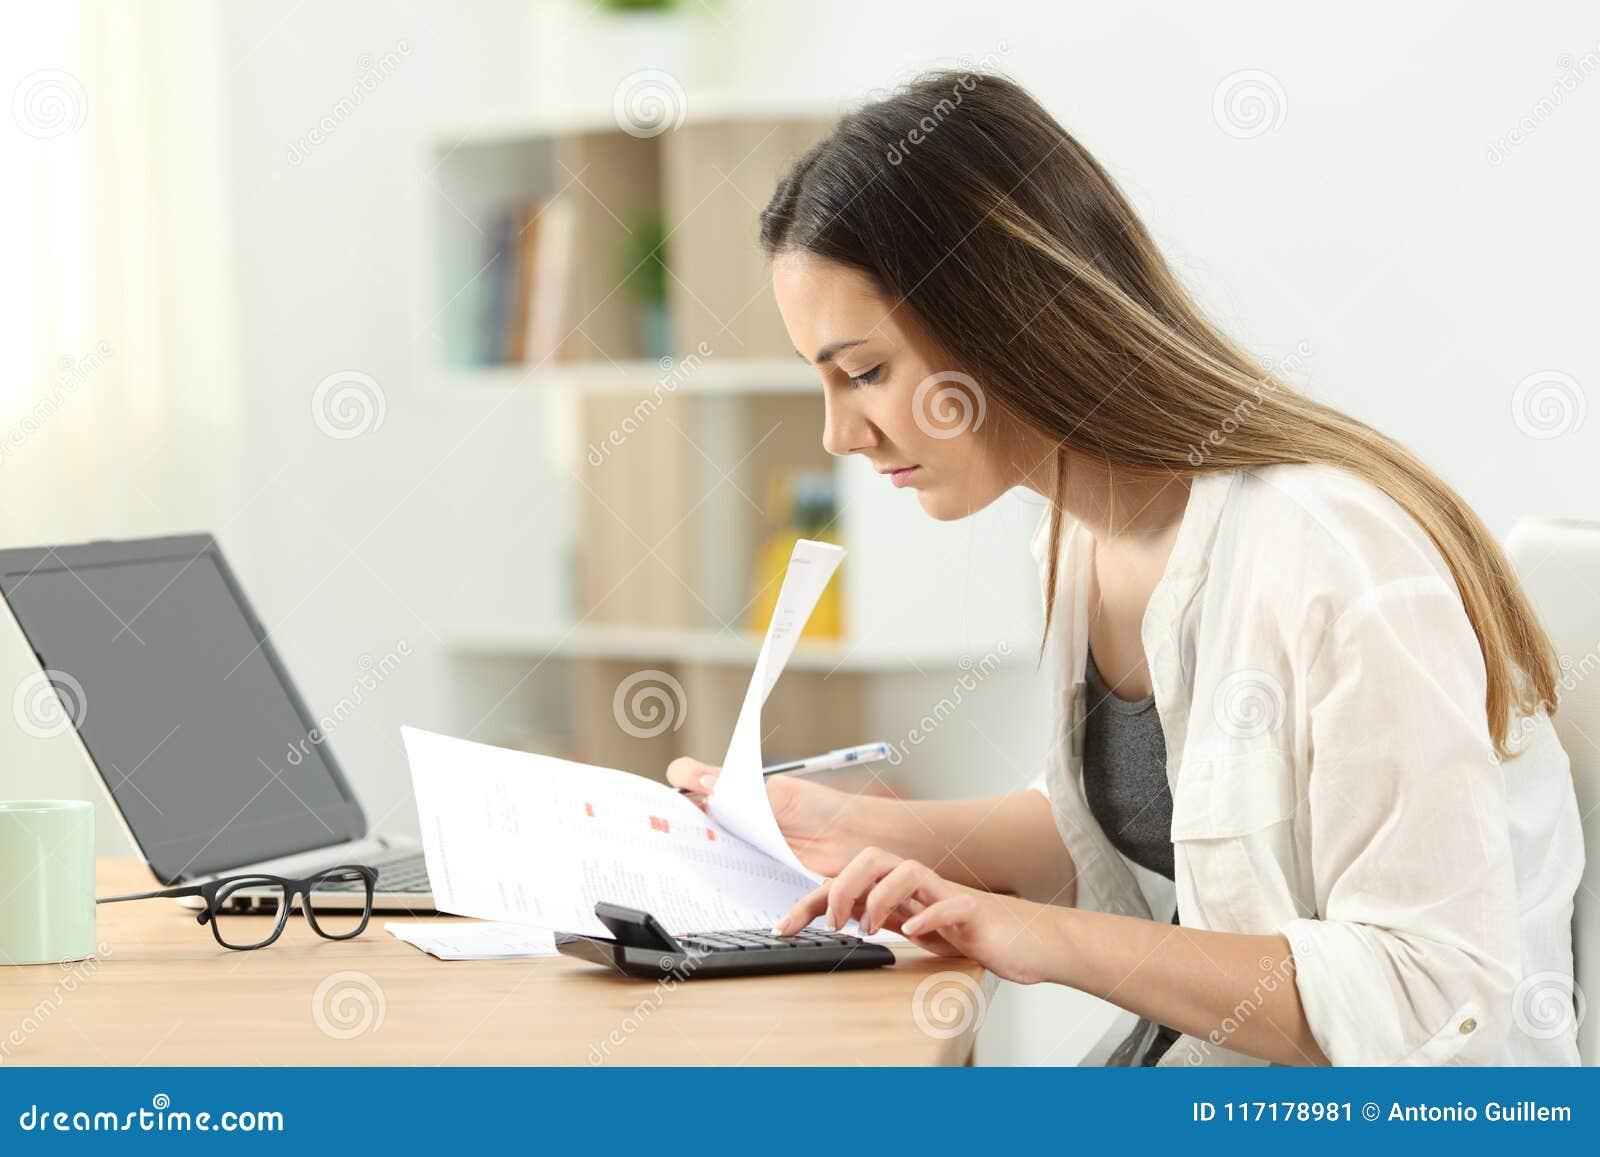 Dépenses calculatrices de femme à la maison